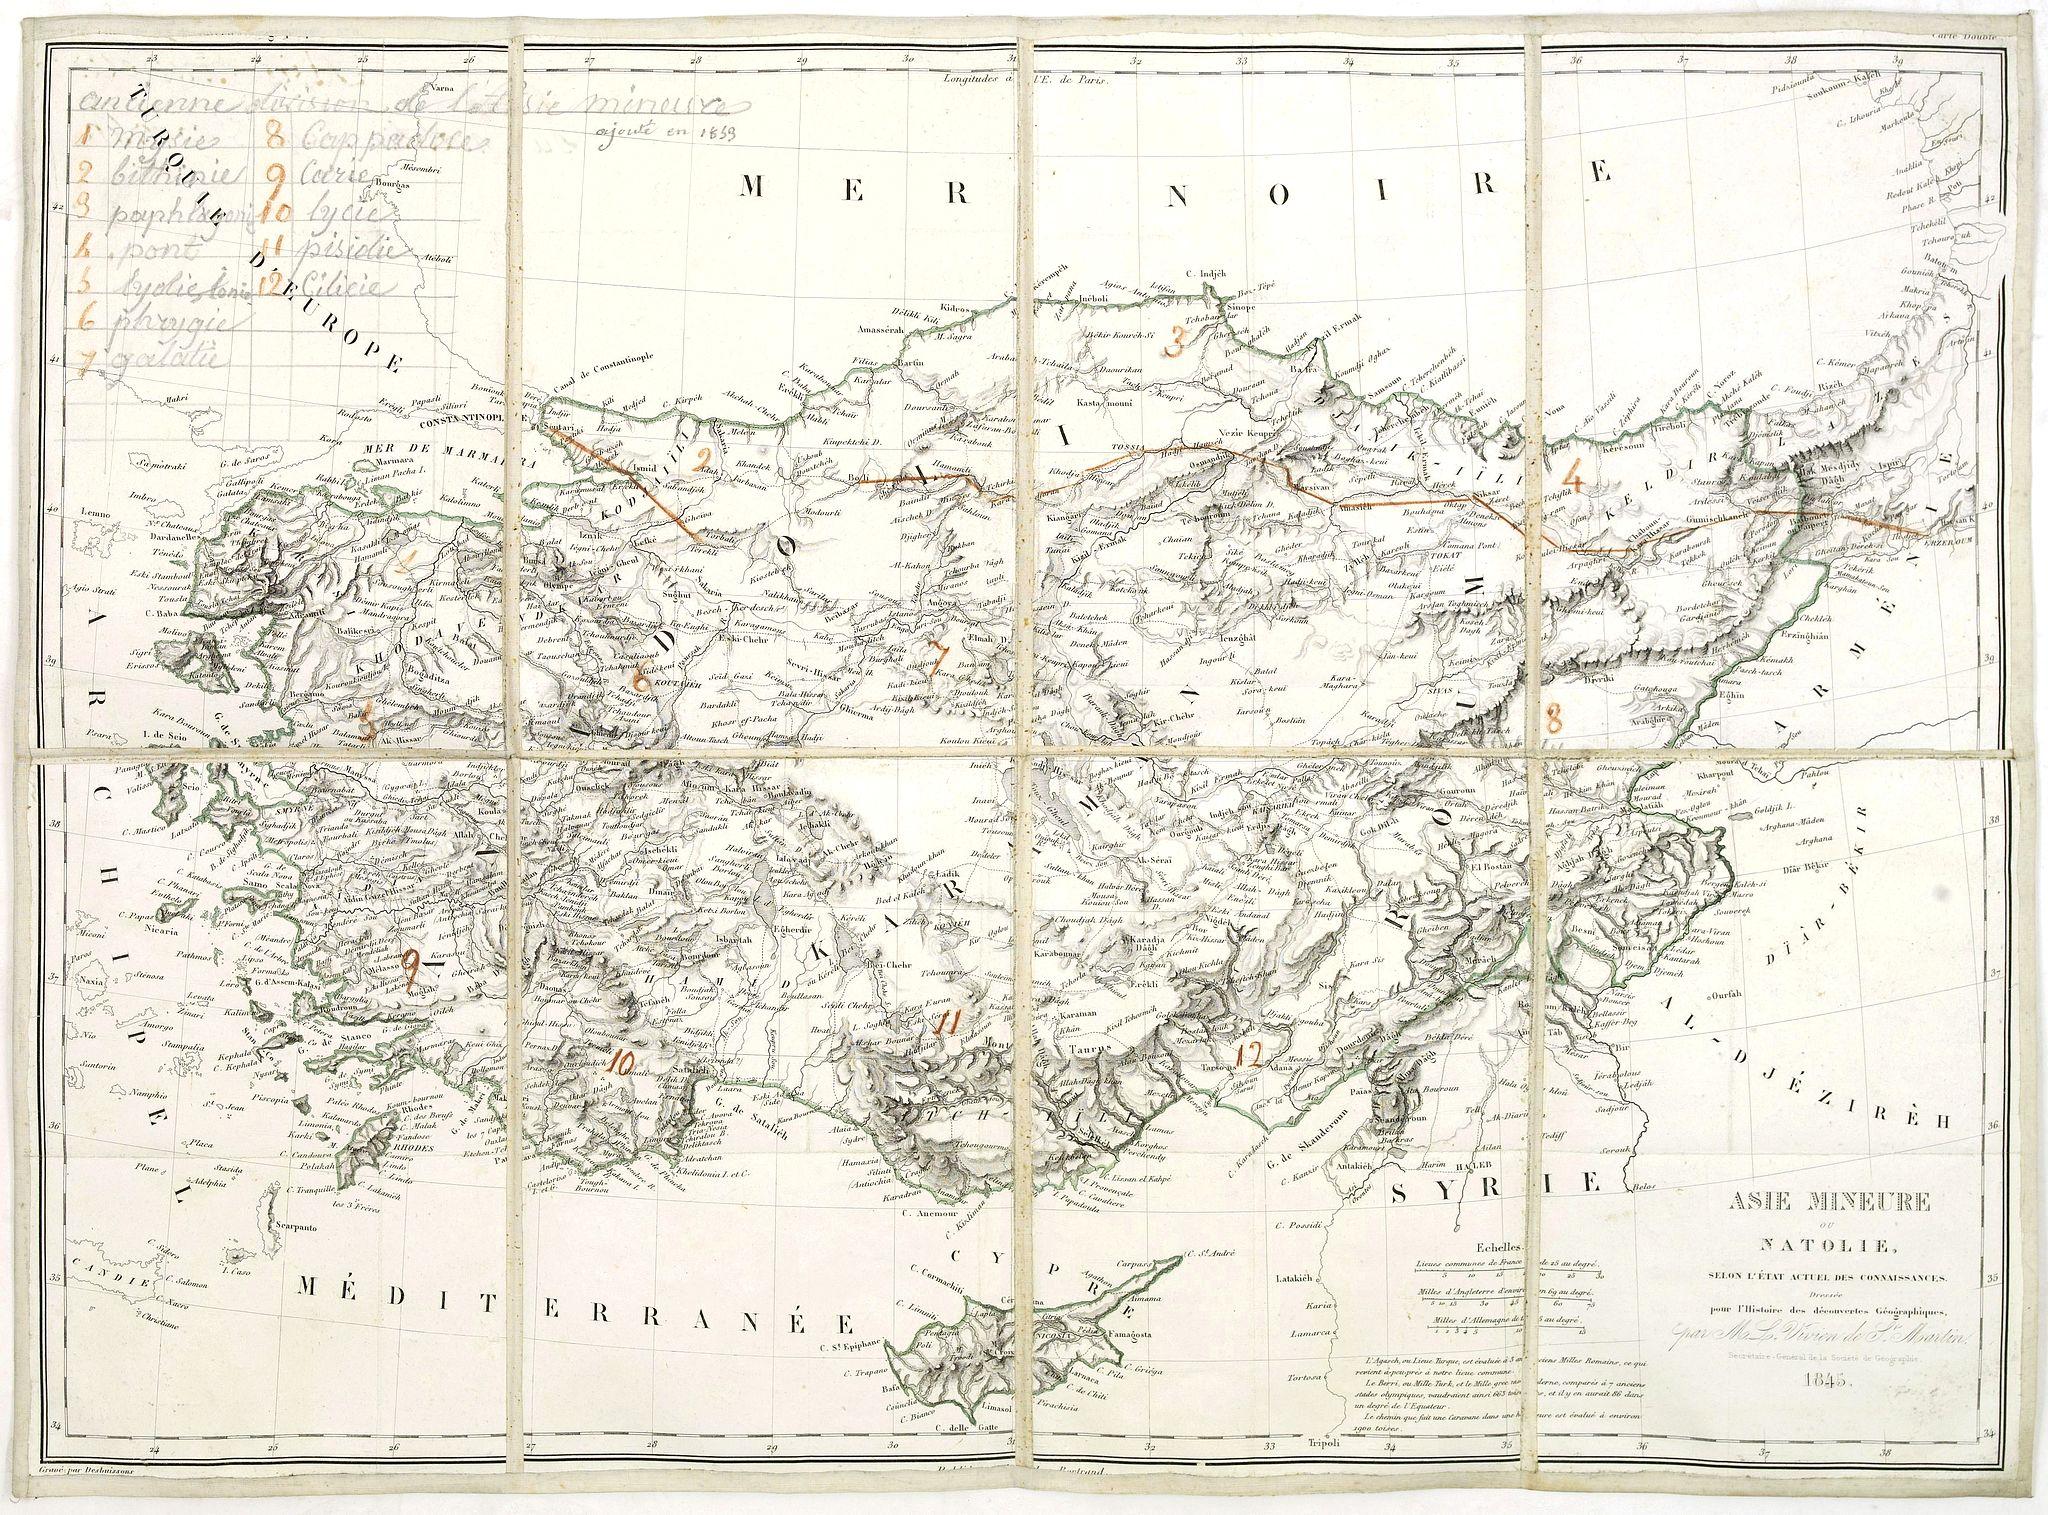 de Saint MARTIN, L-V. -  Asie mineure ou Natolie selon l'état actuel des connaissances. . .